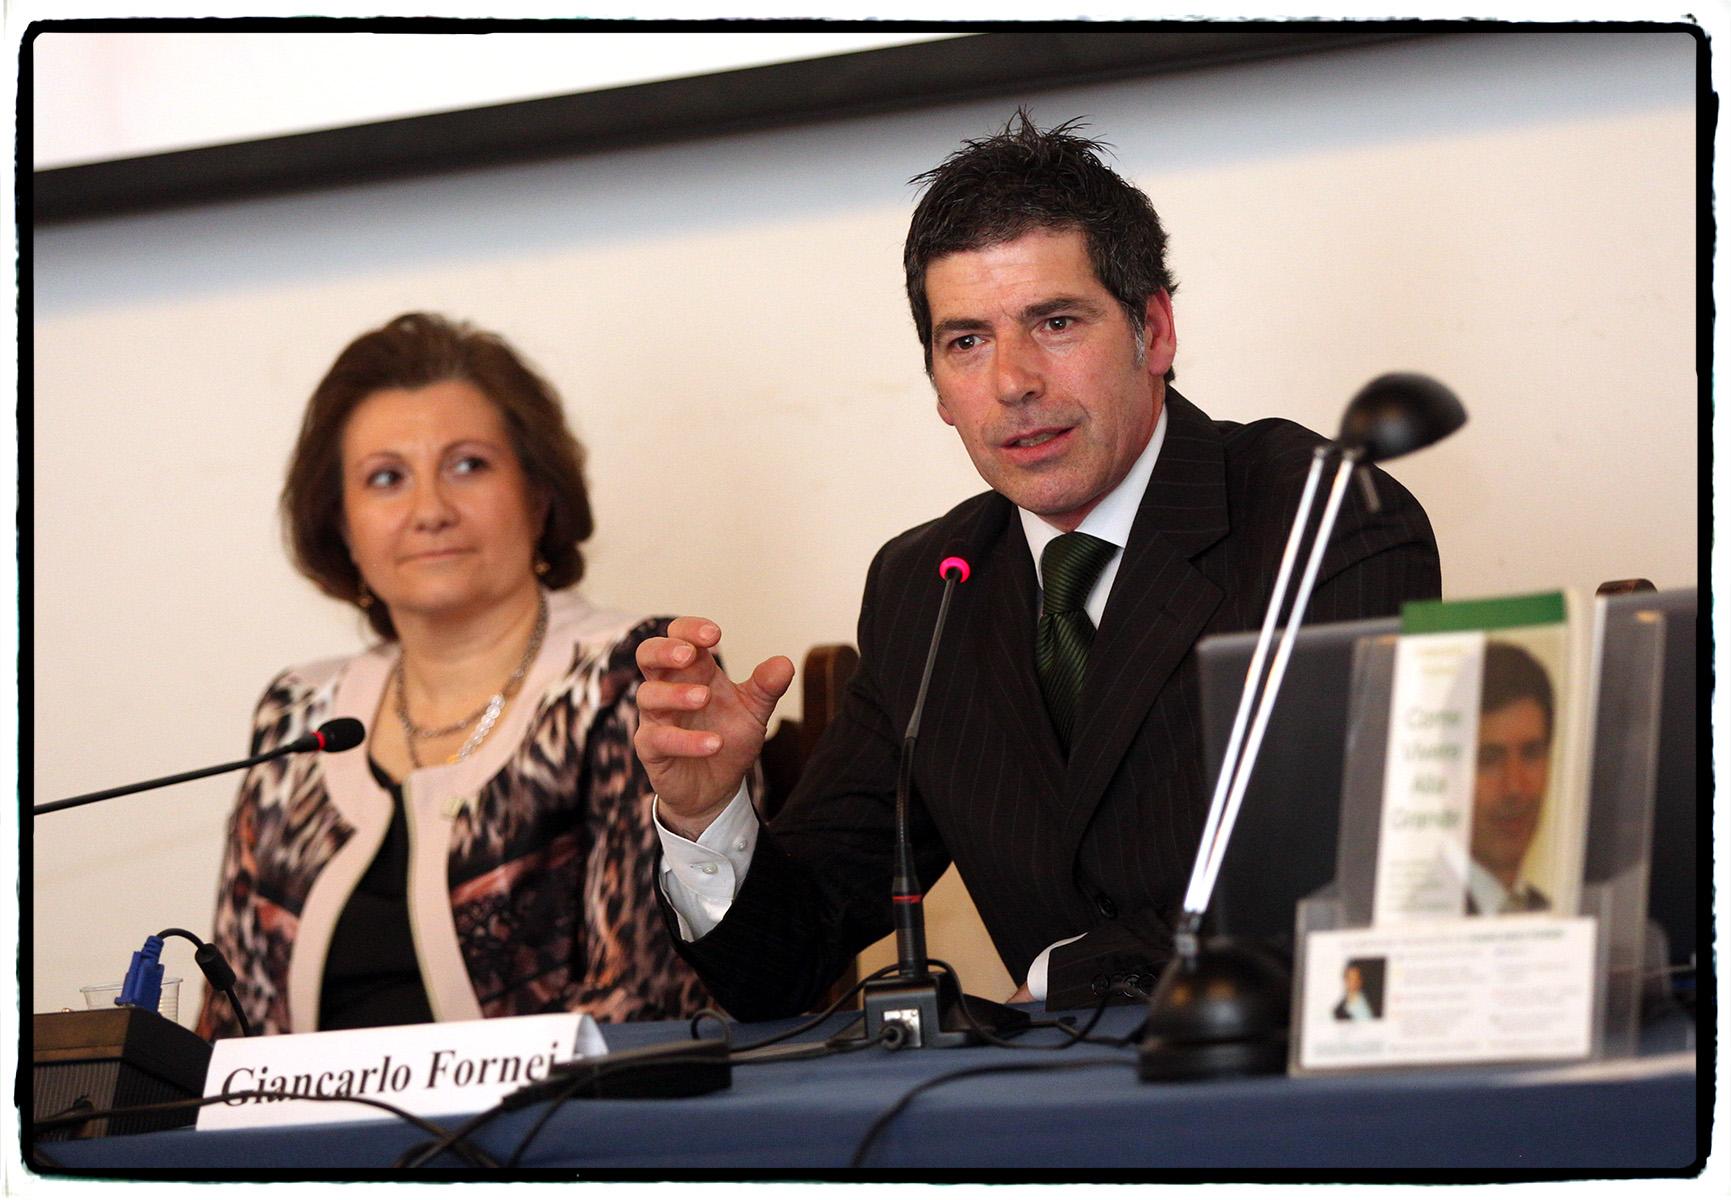 Il coach motivazionale Giancarlo Fornei a Verona, durante la conferenza sull'autostima organizzata da Debora Alberti Botteon Presidente dell'Associazione Le Donne del Marmo (marzo 2014)...